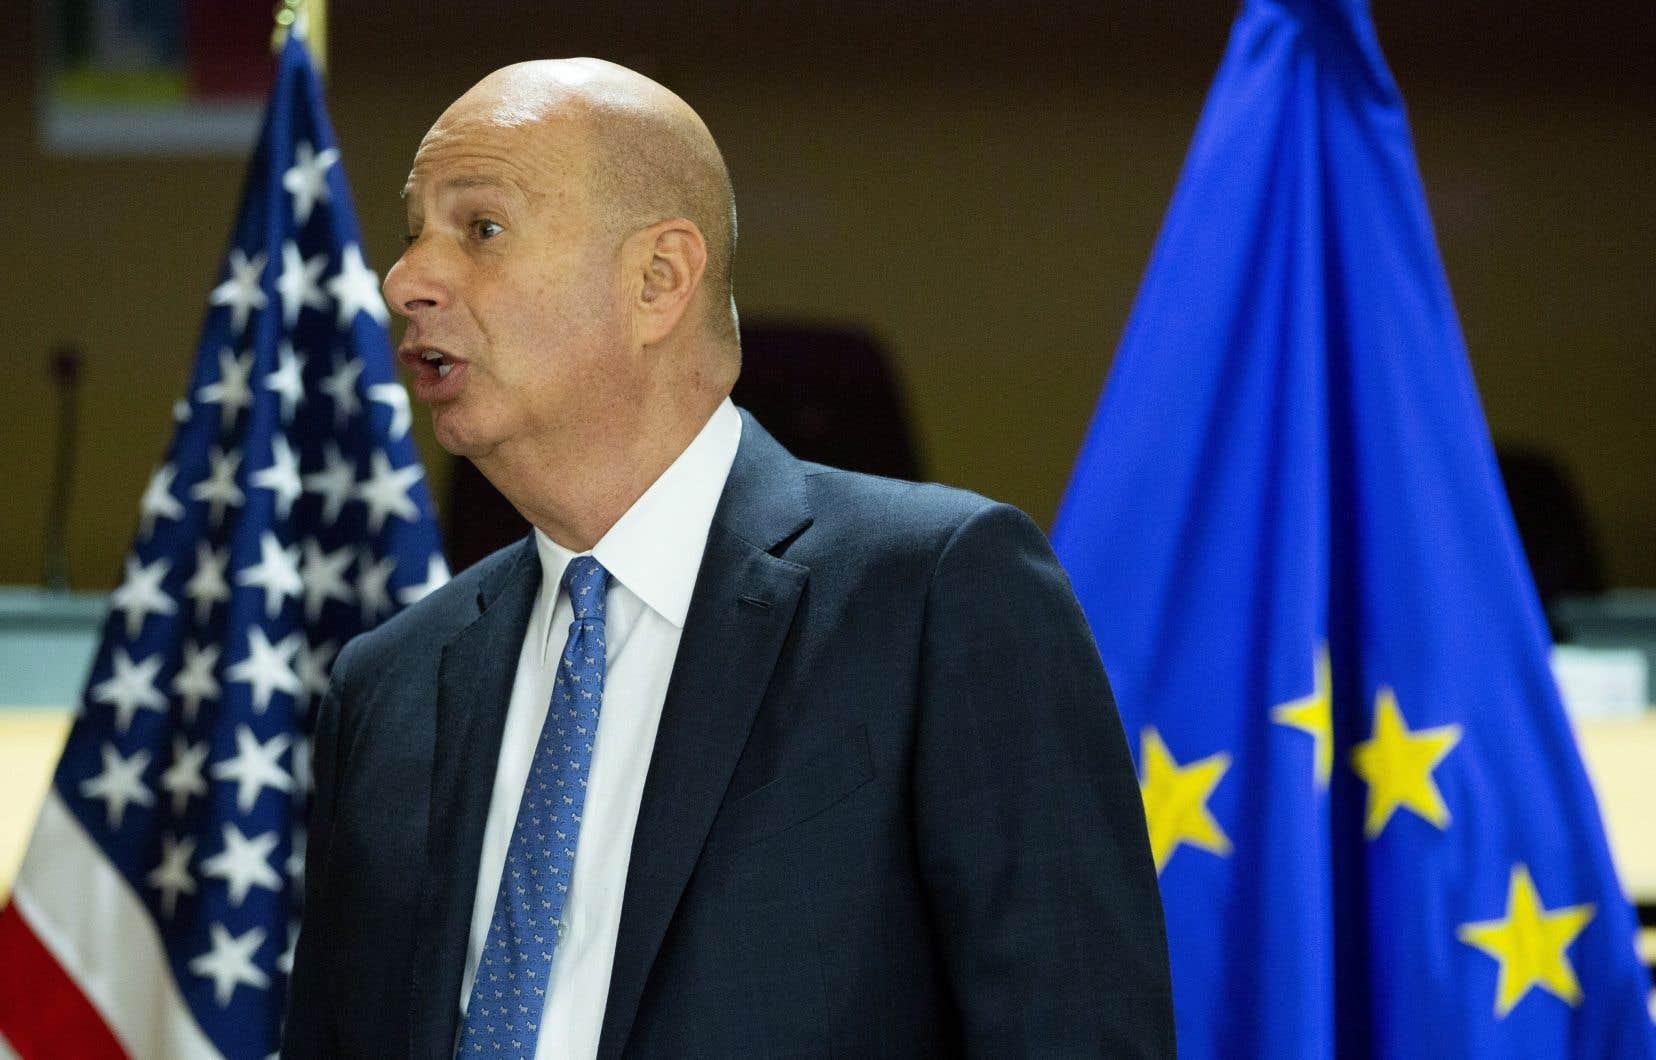 L'ambassadeur des États-Unis à l'Union européenne, Gordon Sondland